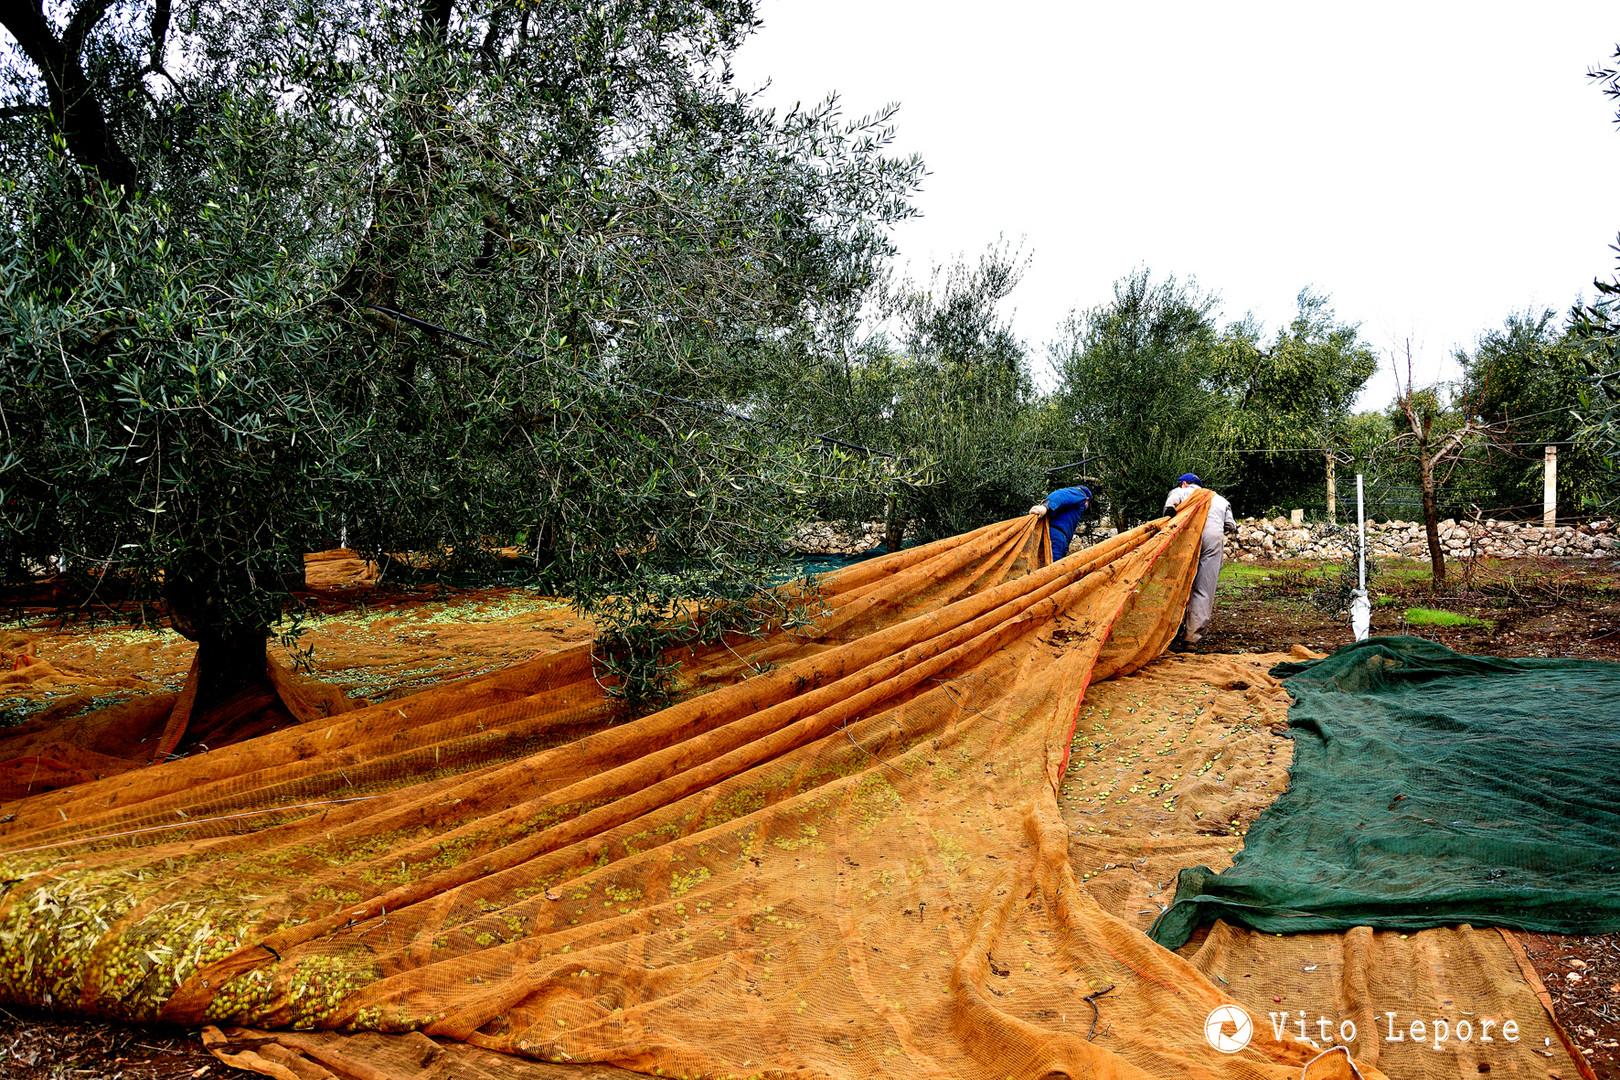 la stagione delle olive, la raccolta